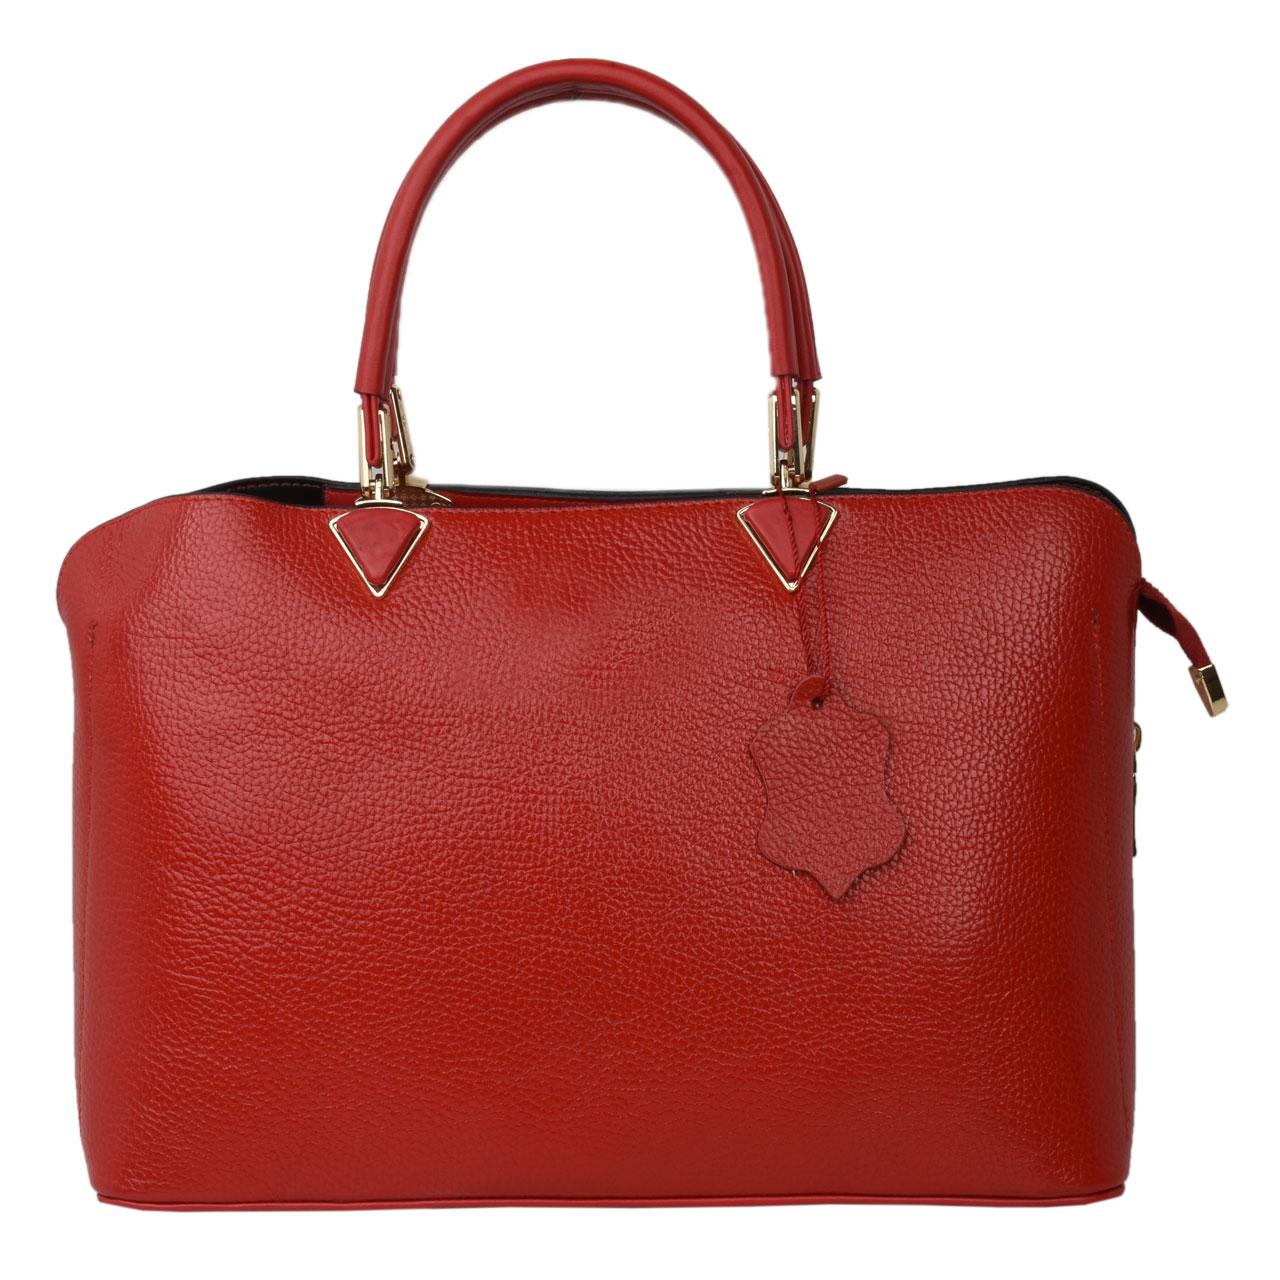 کیف دستی زنانه پارینه مدل PLV159-2-1590